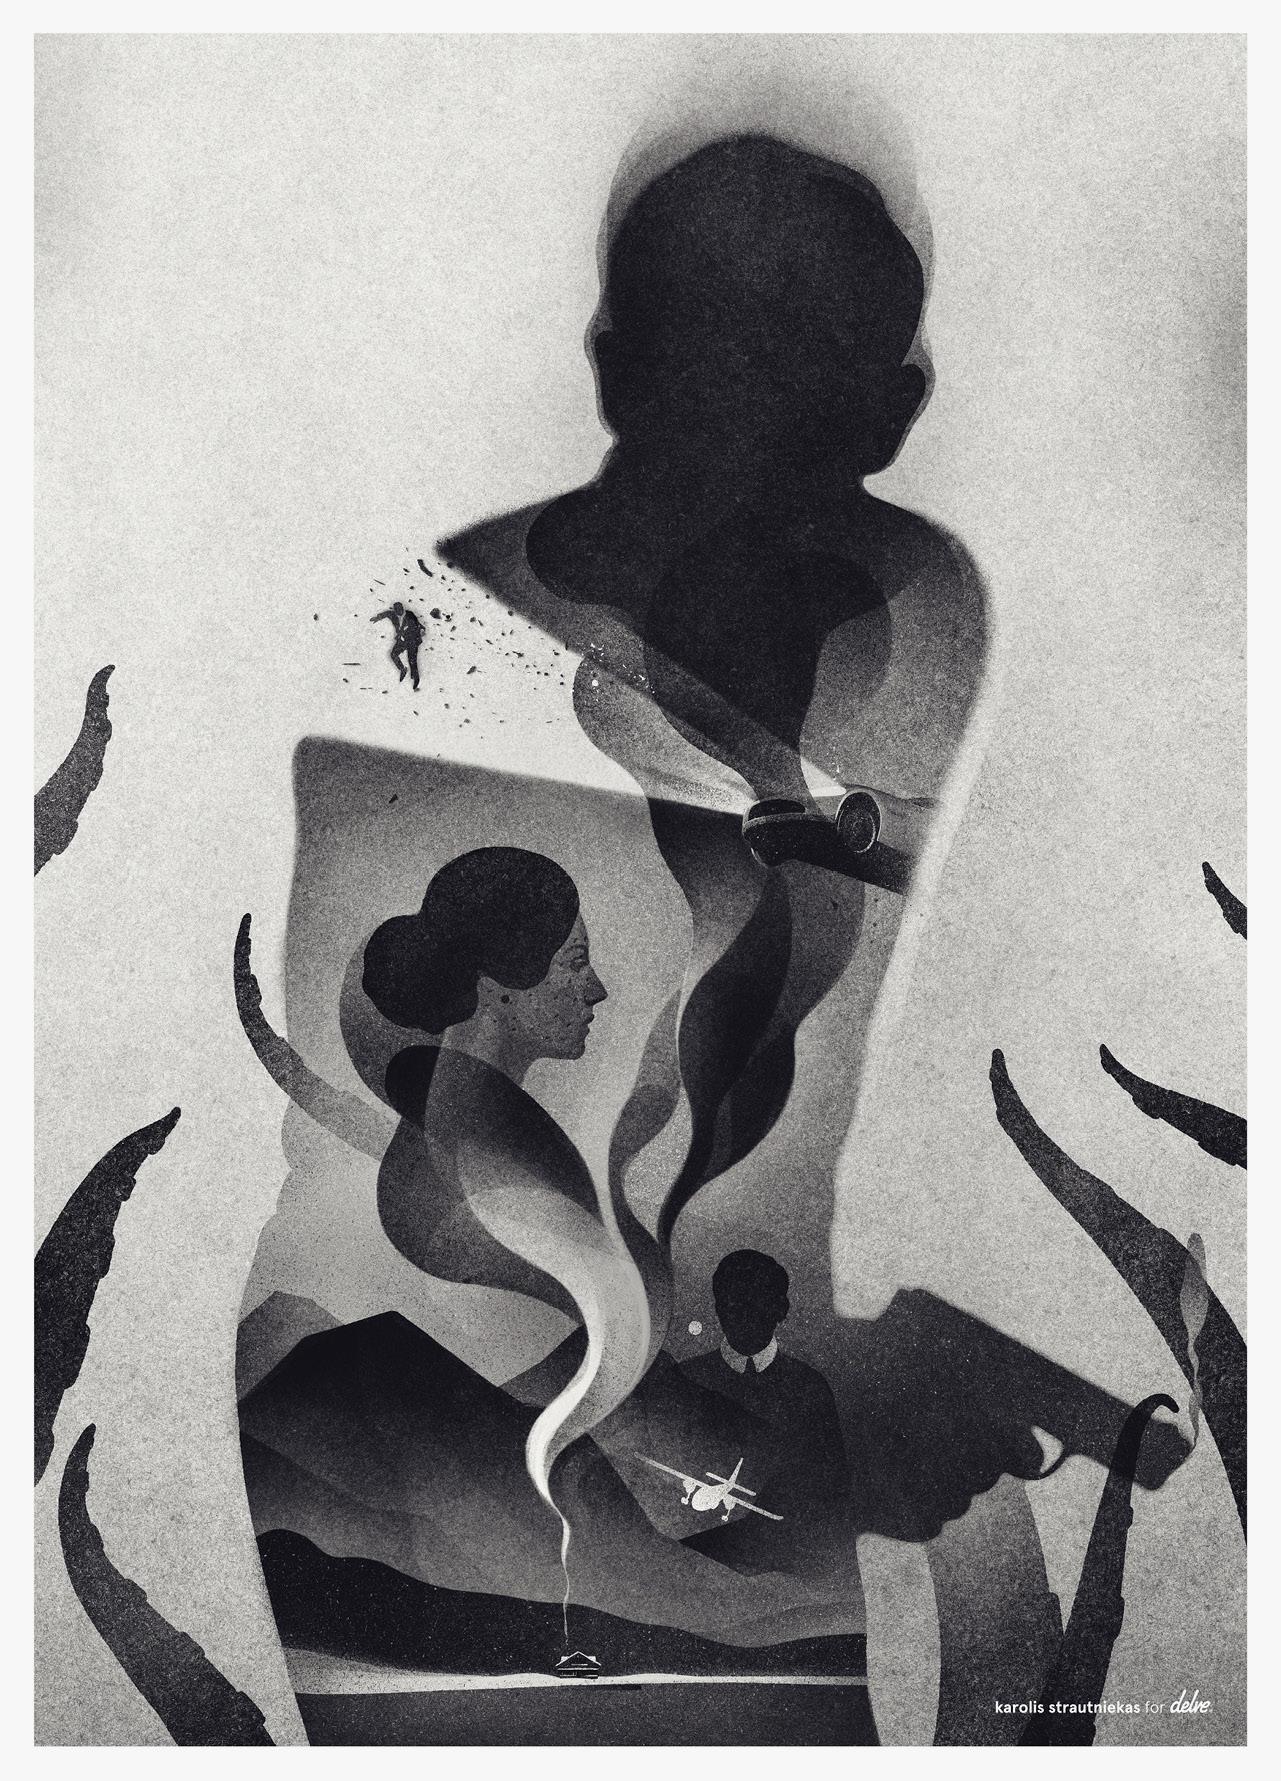 SPECTRE by Karolis Strautniekas